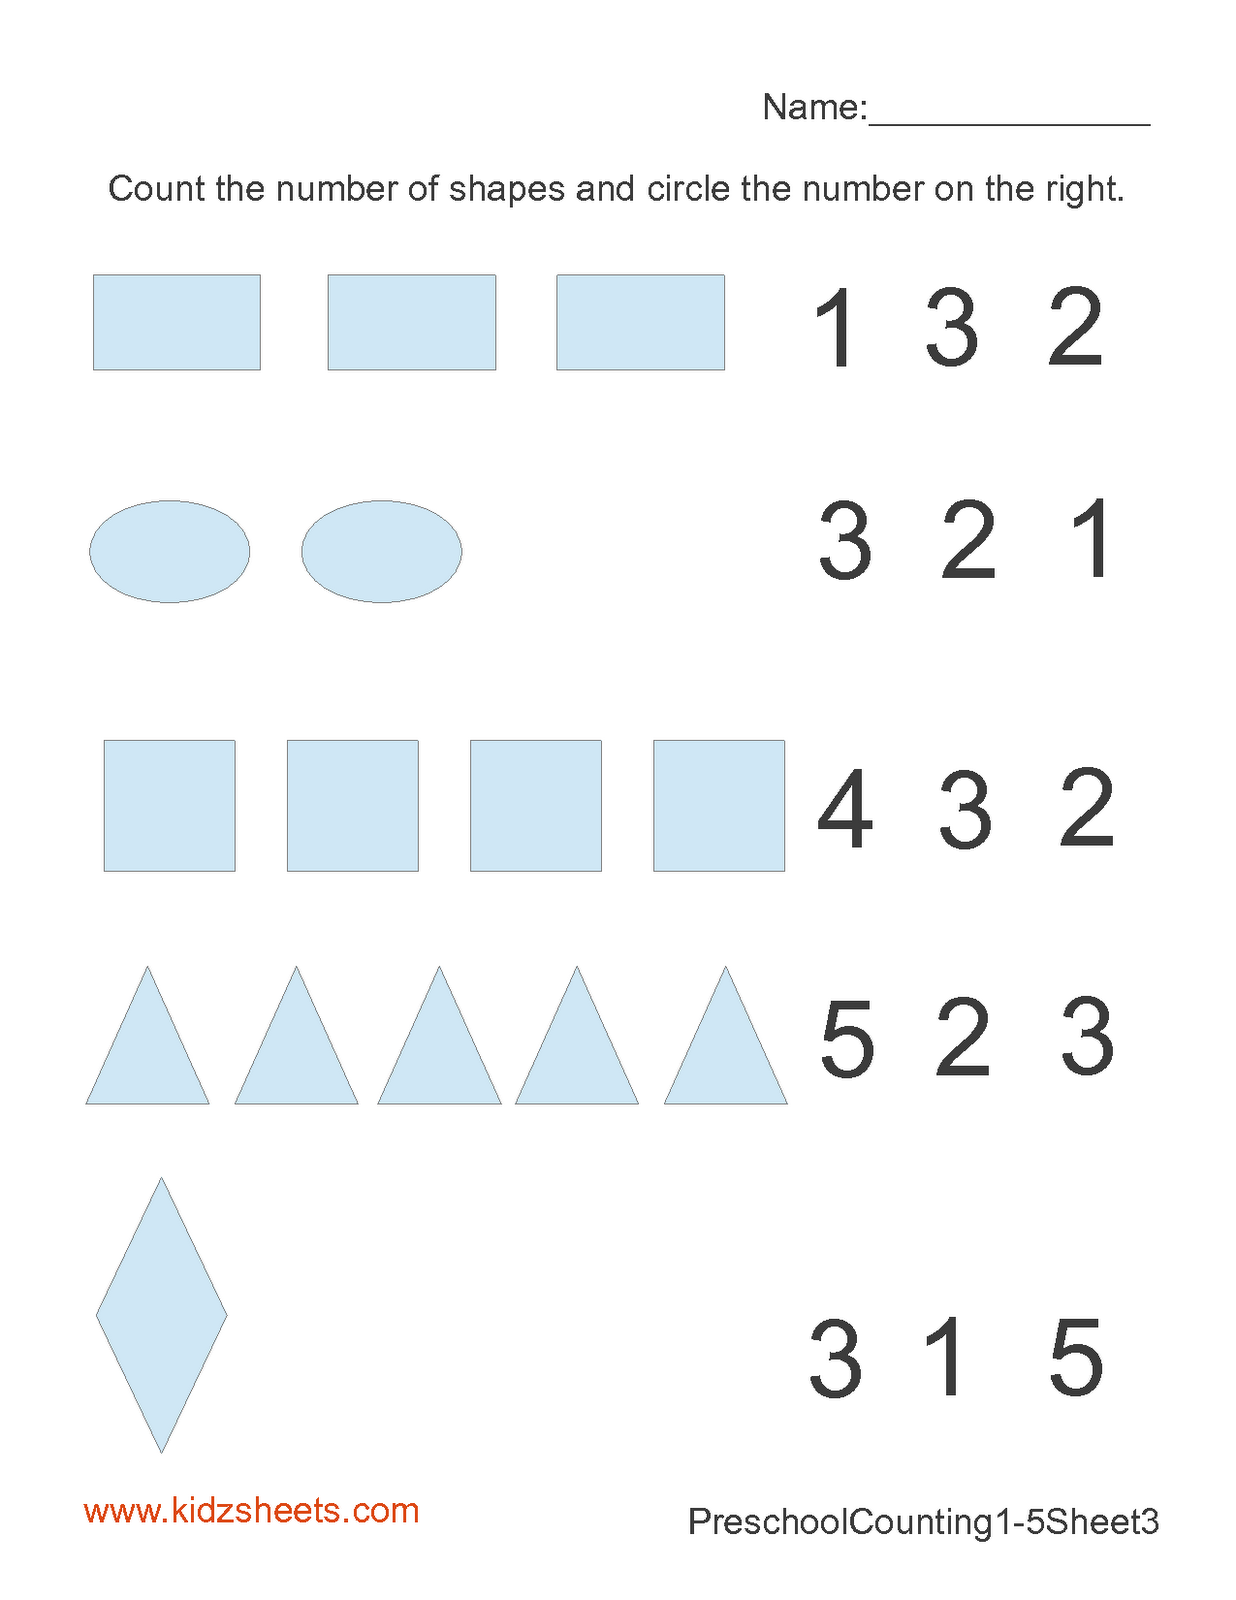 hight resolution of Kidz Worksheets: Preschool Counting Numbers Worksheet3